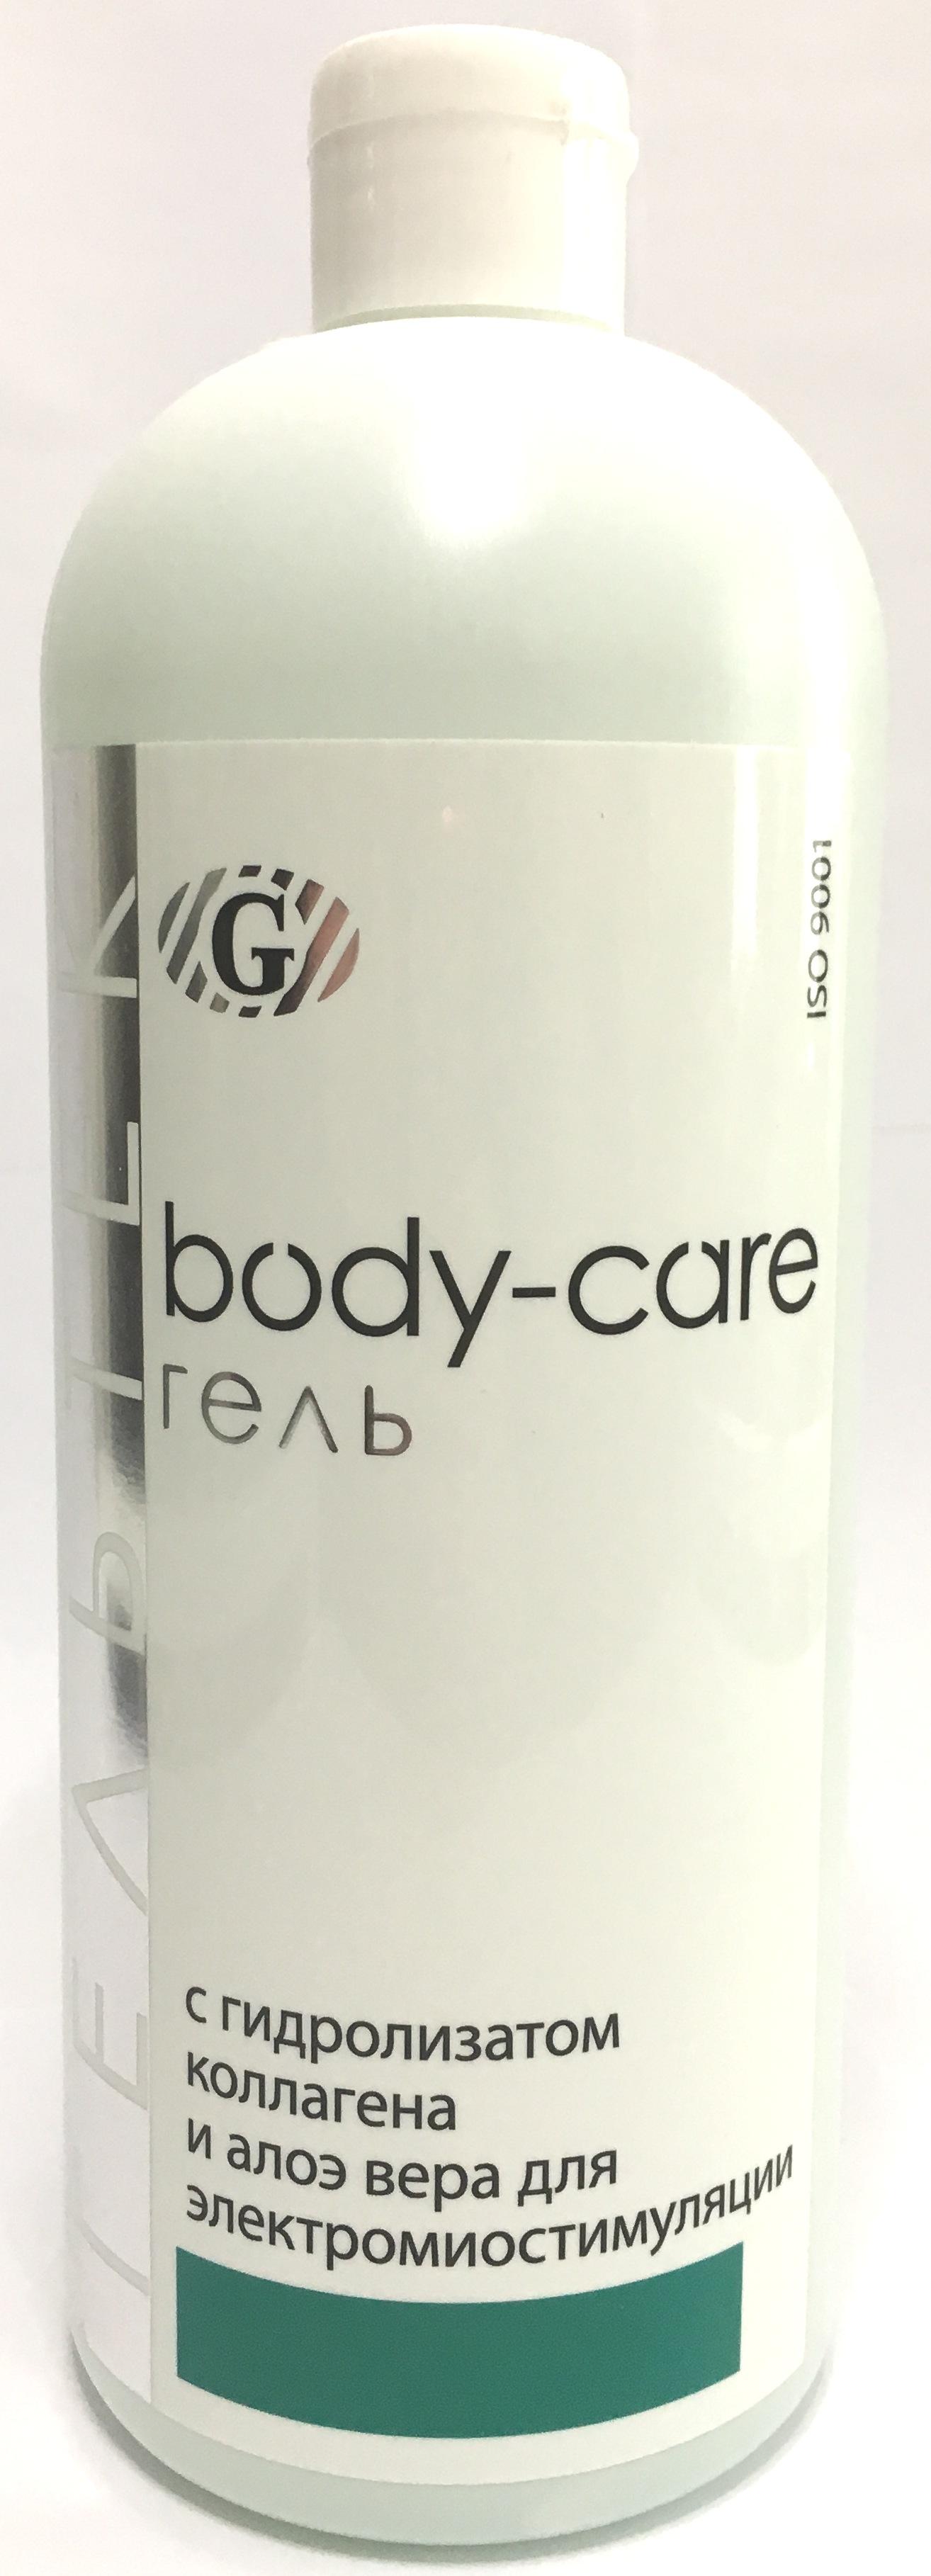 ГЕЛЬТЕК Гель косметический контактный с гидролизатом коллагена и алоэ вера для ЭМС / Body 1000 г - Гели